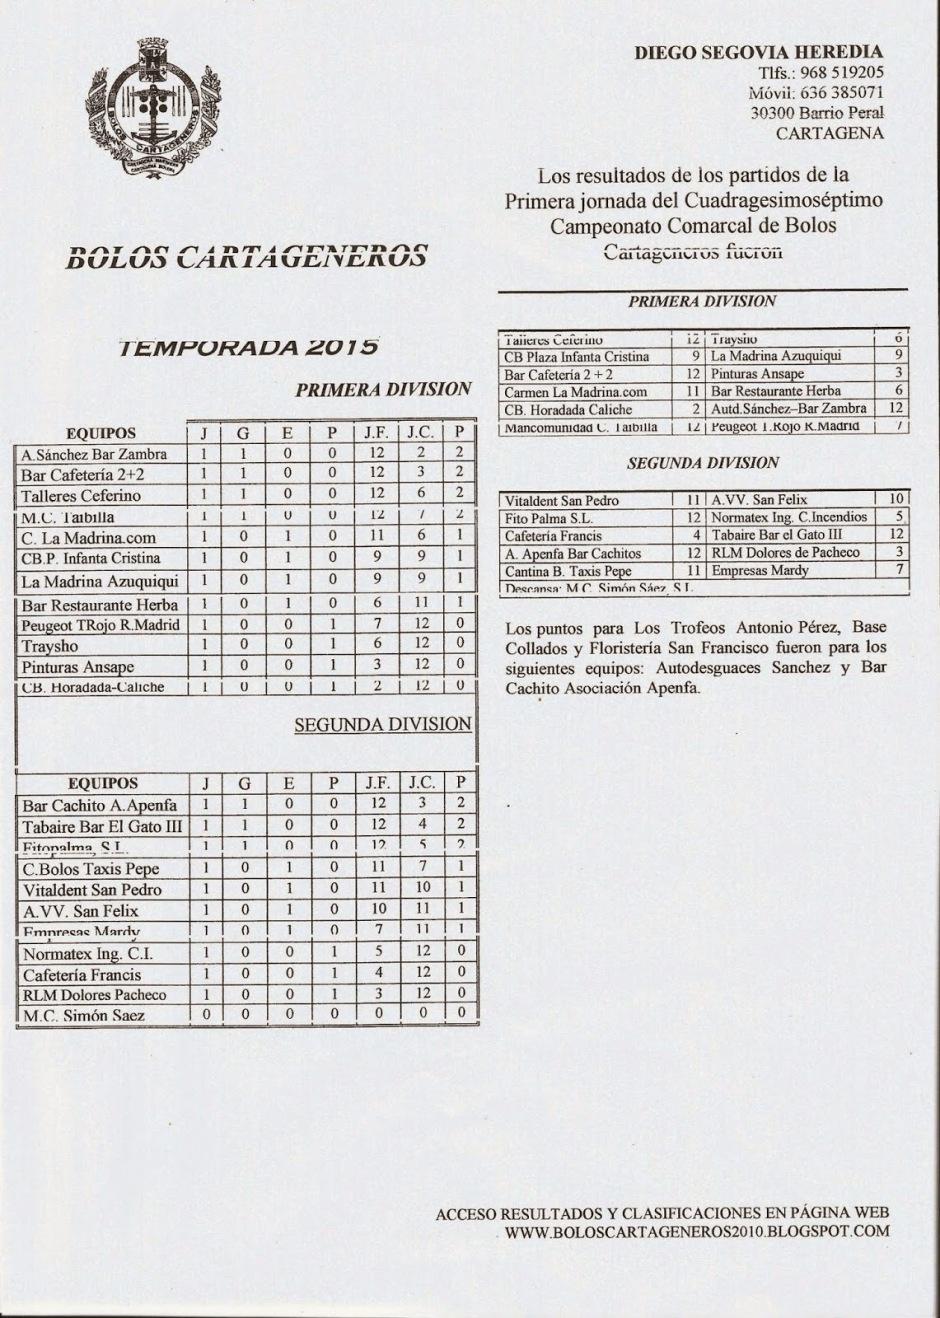 JORNADA 1 BOLOS CARTAGENEROS 2015